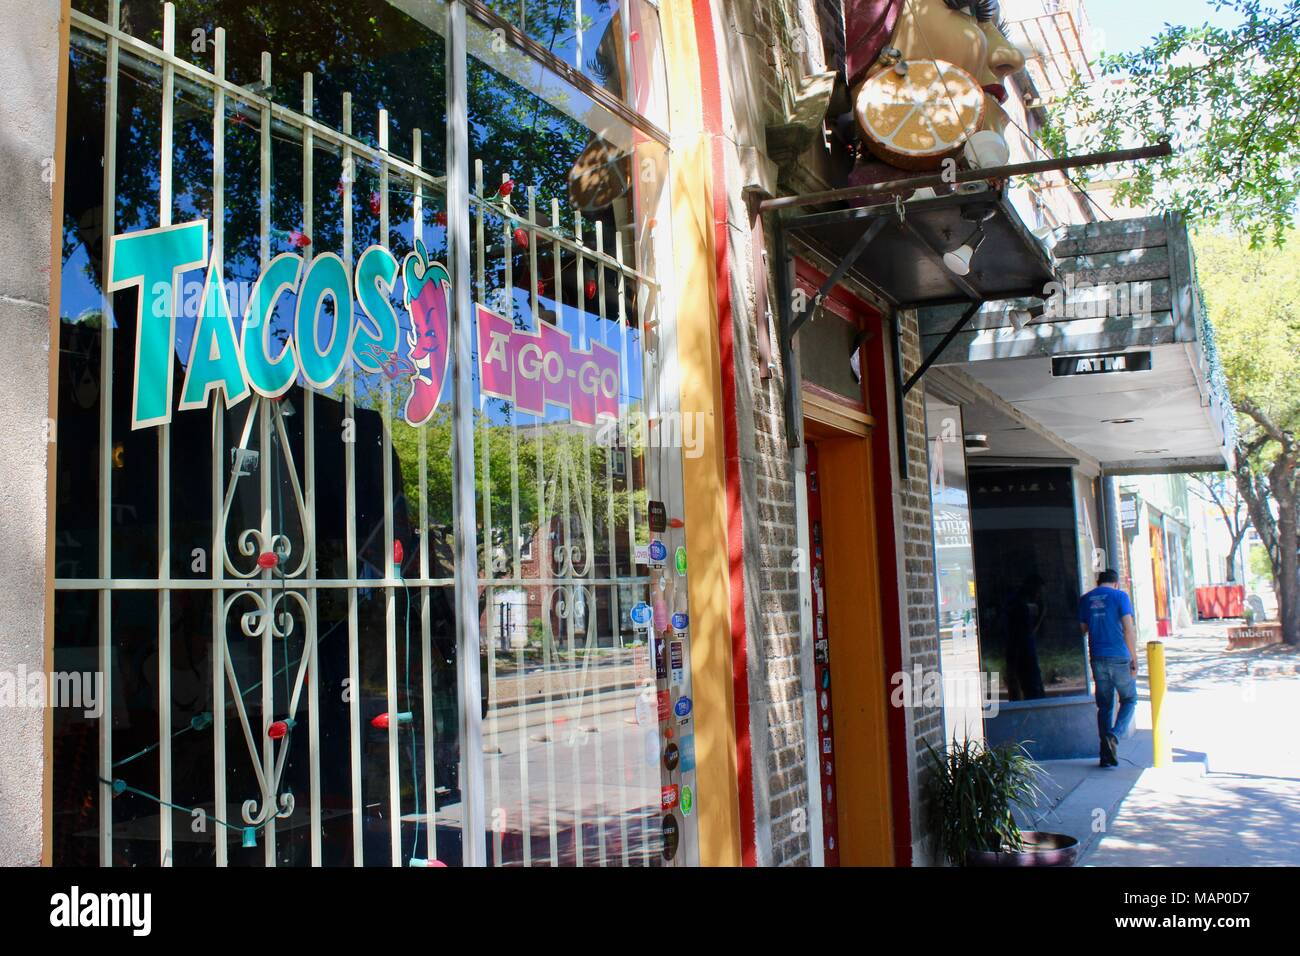 Mexican Restaurant Exterior Stockfotos & Mexican Restaurant Exterior ...